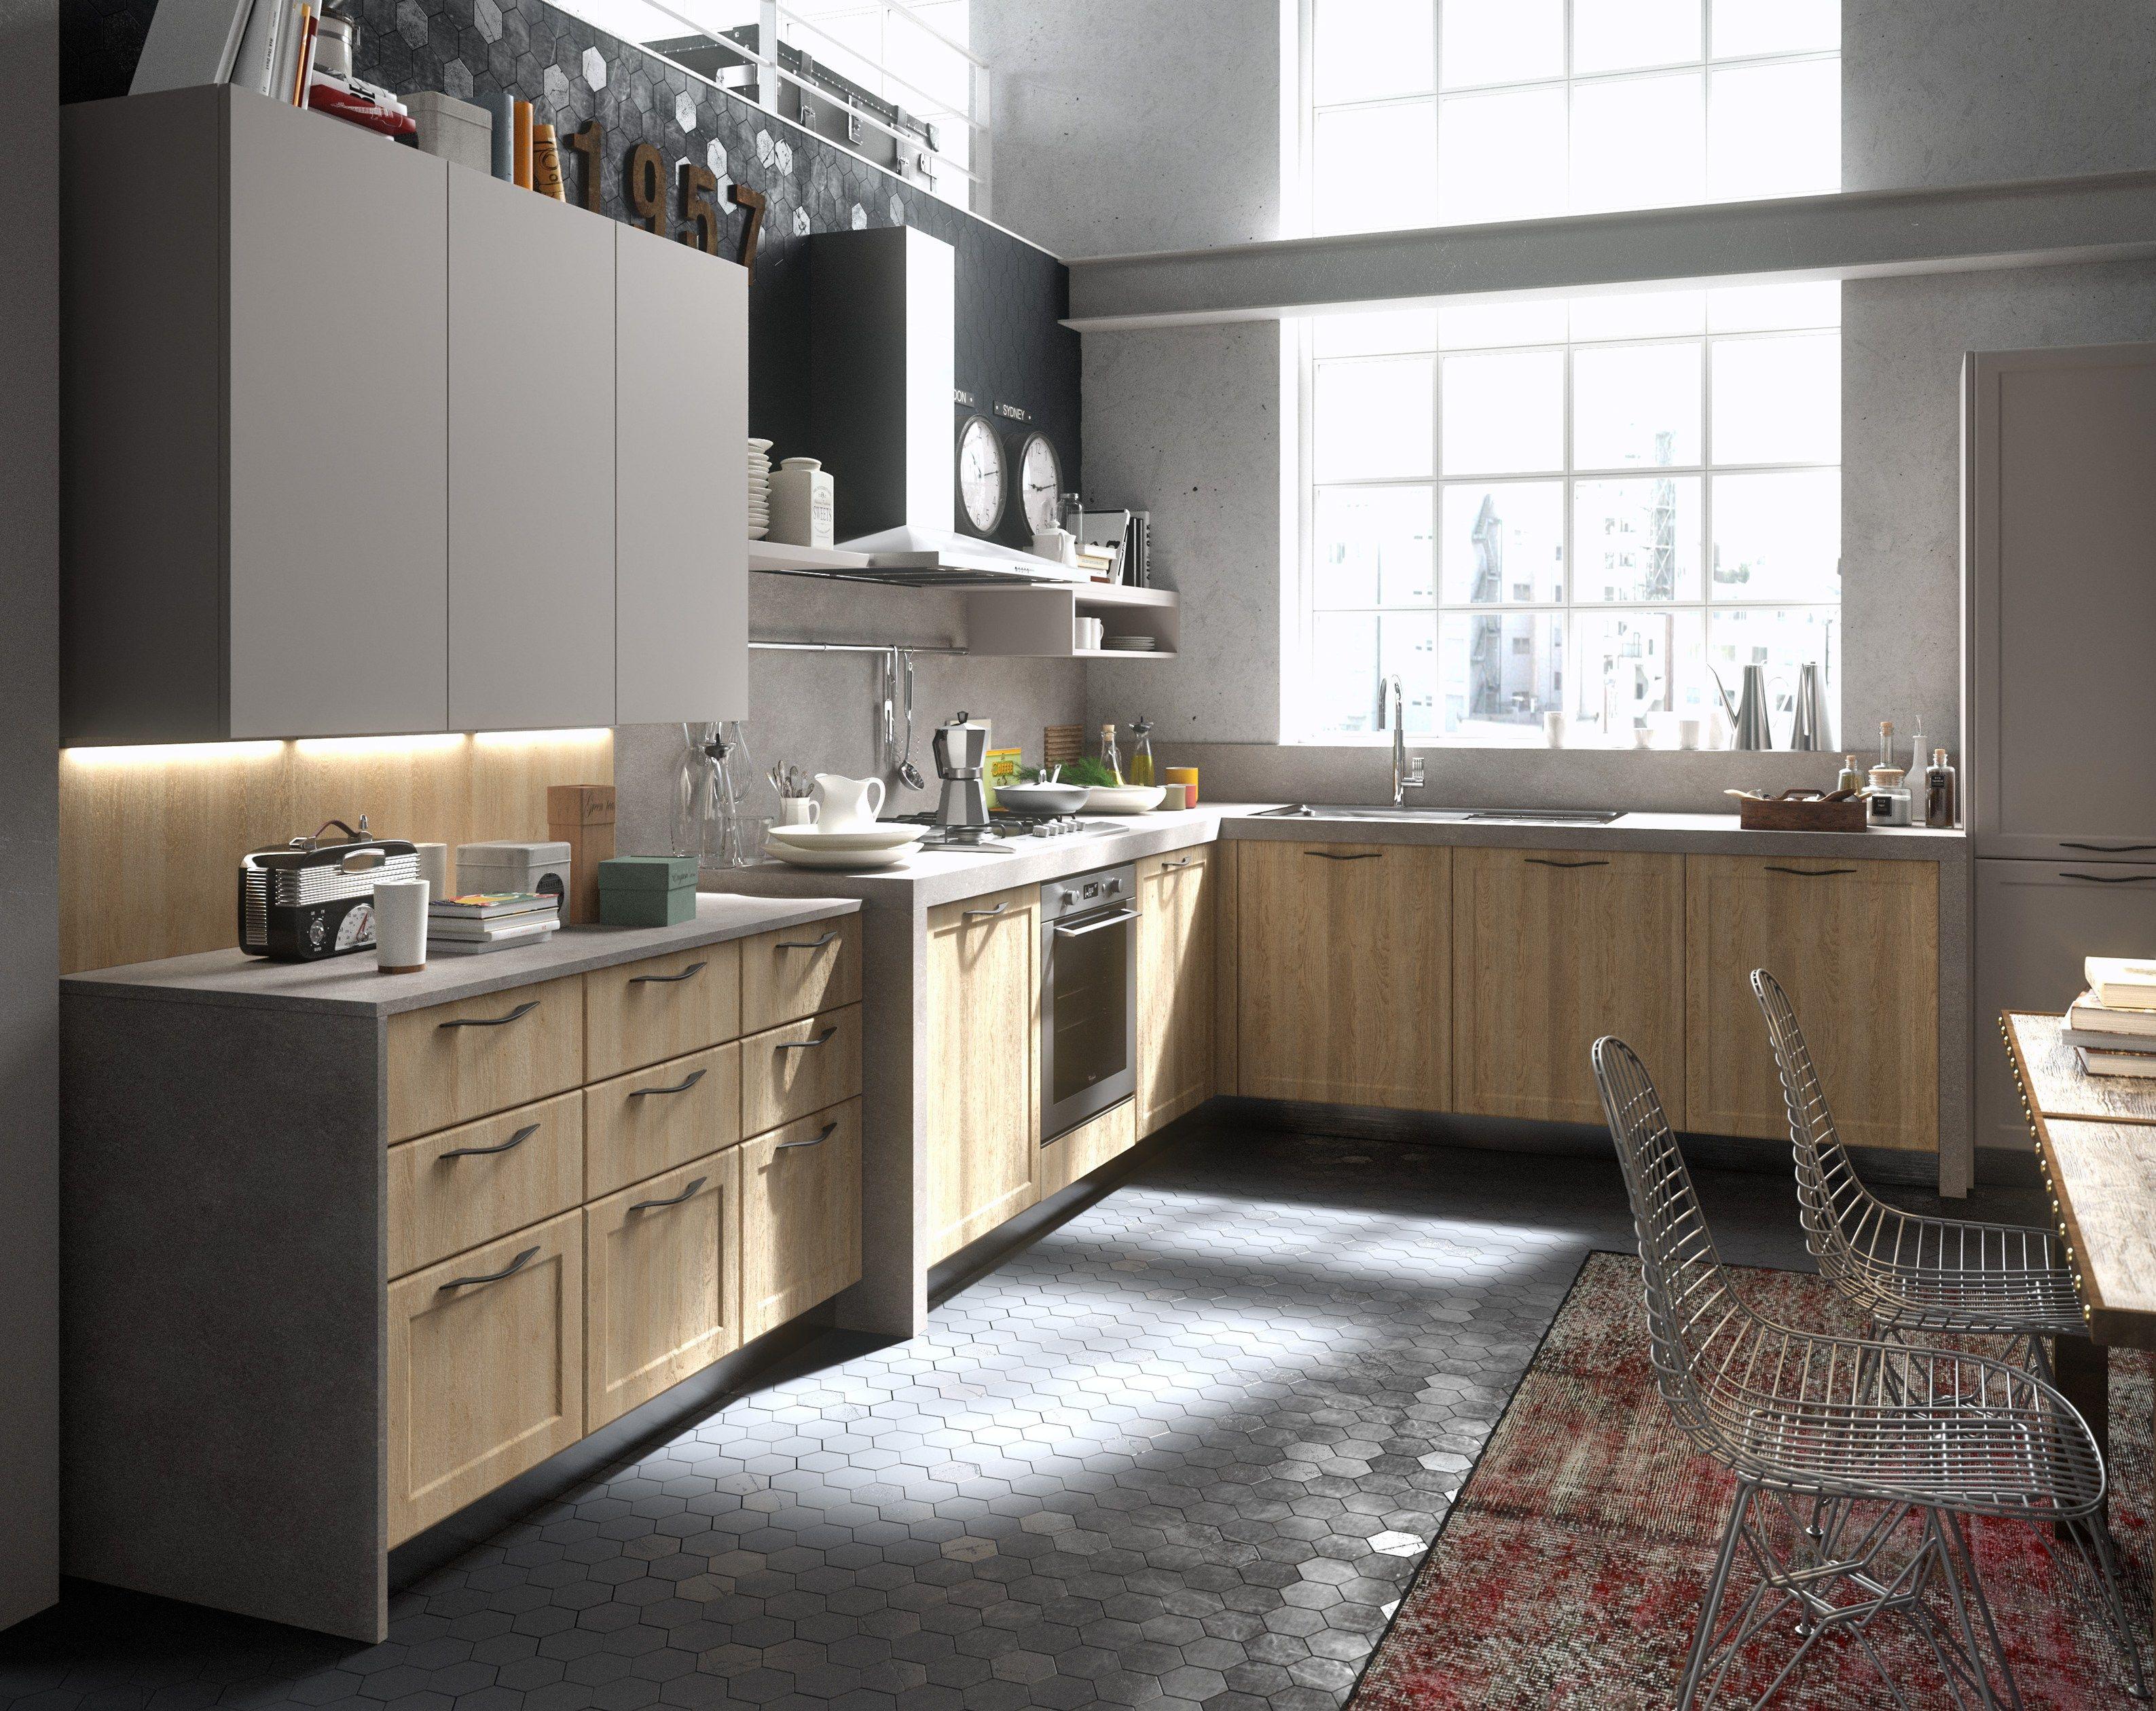 Cucina componibile con maniglie integrate contempo abaco by snaidero by snaidero design snaidero - Mobili snaidero majano ...